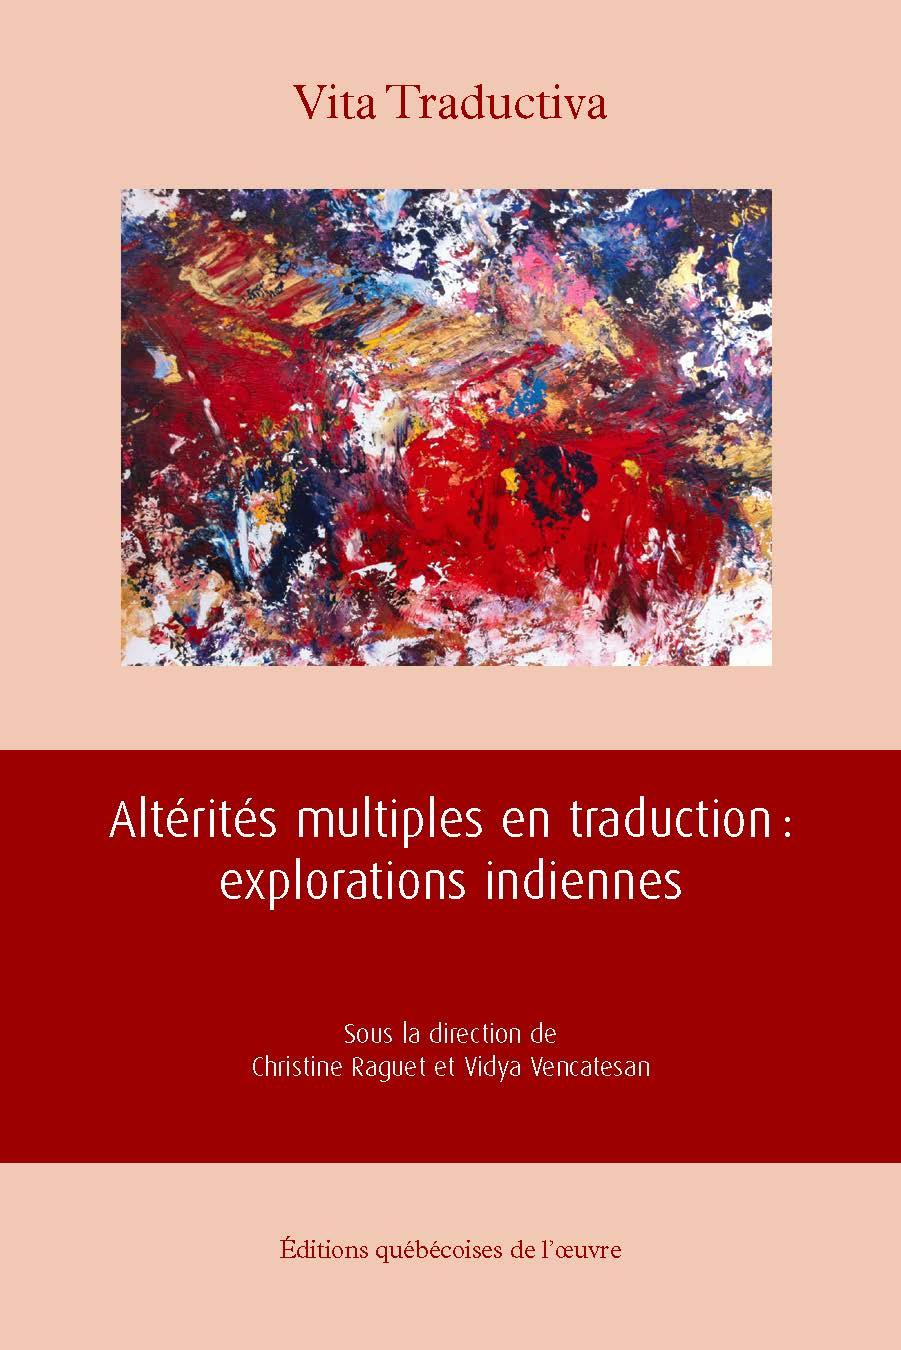 Altérités multiples en traduction : explorations indiennes